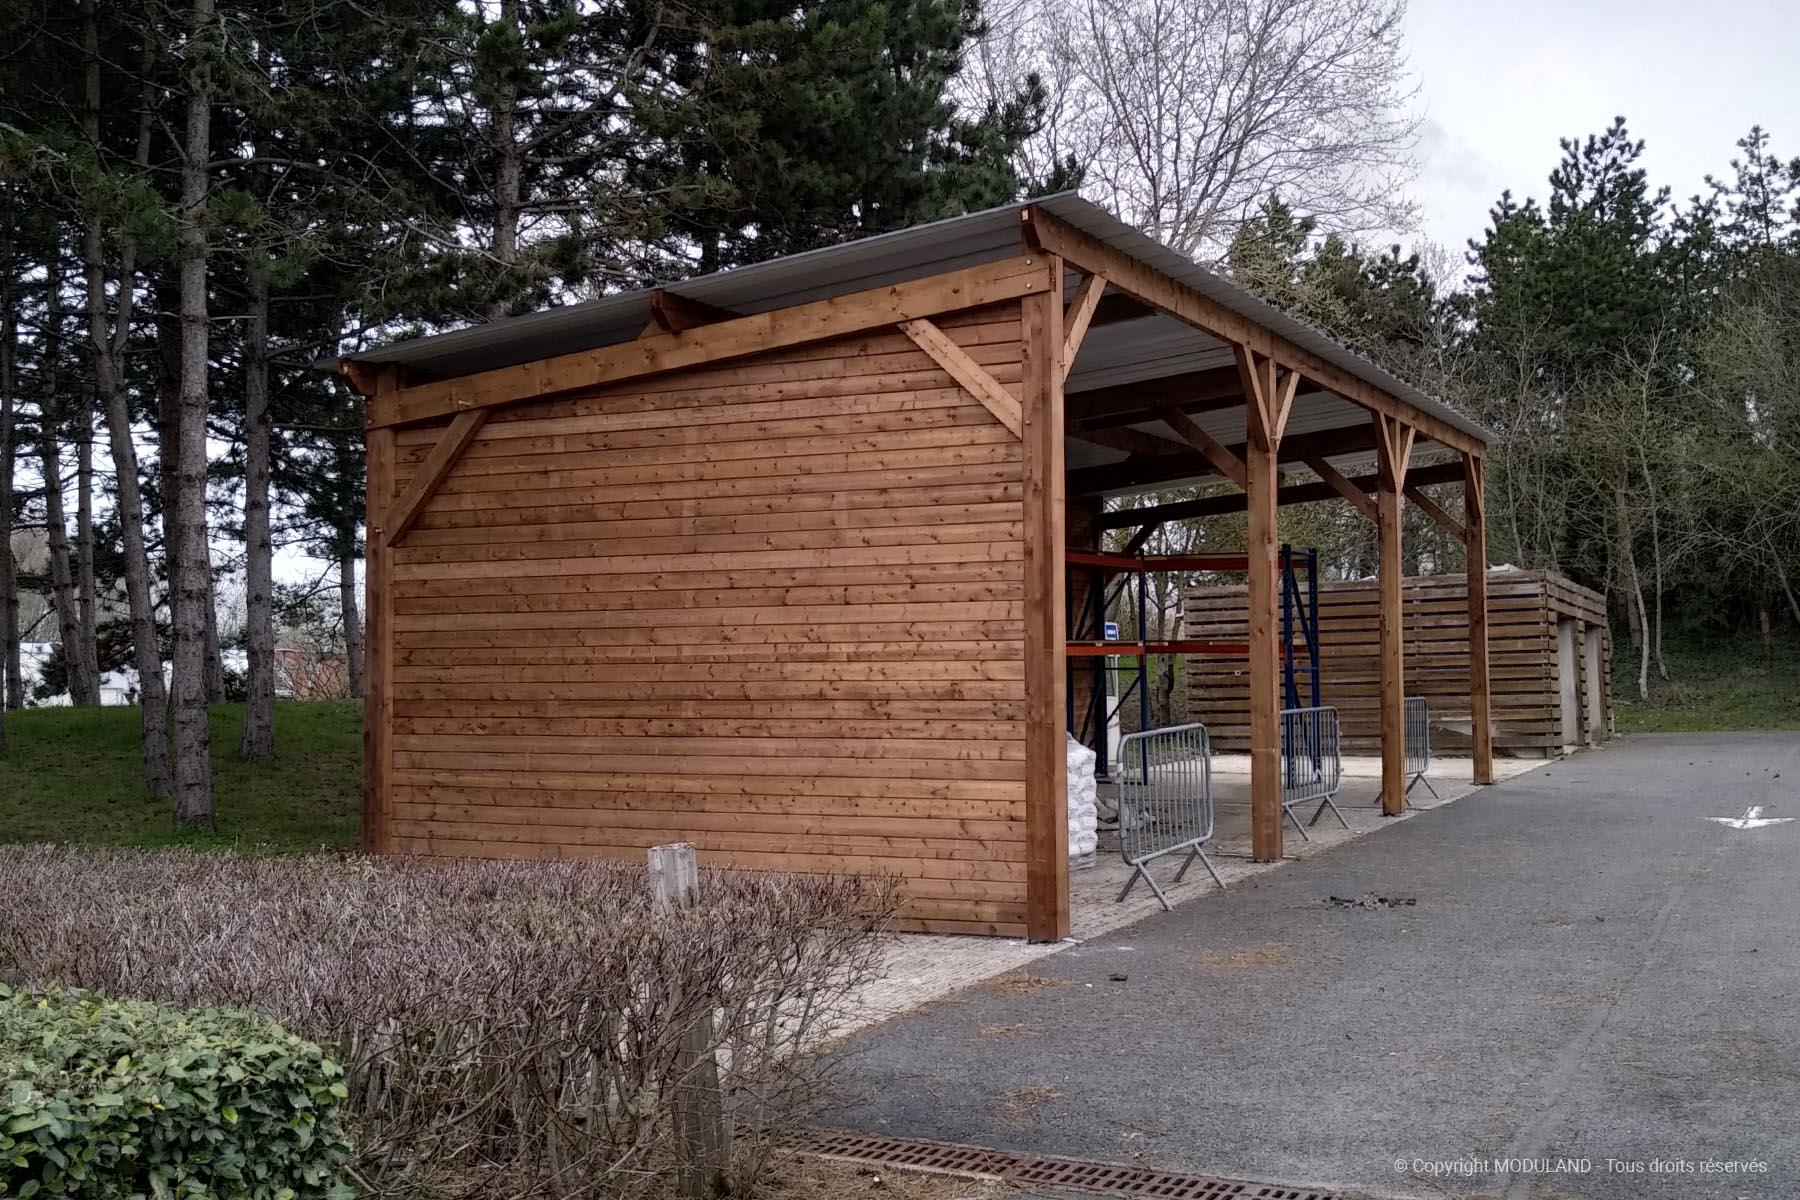 Campus St Christophe À Cergy Pontoise - Abri De Stockage ... encequiconcerne Abri Moto Bois